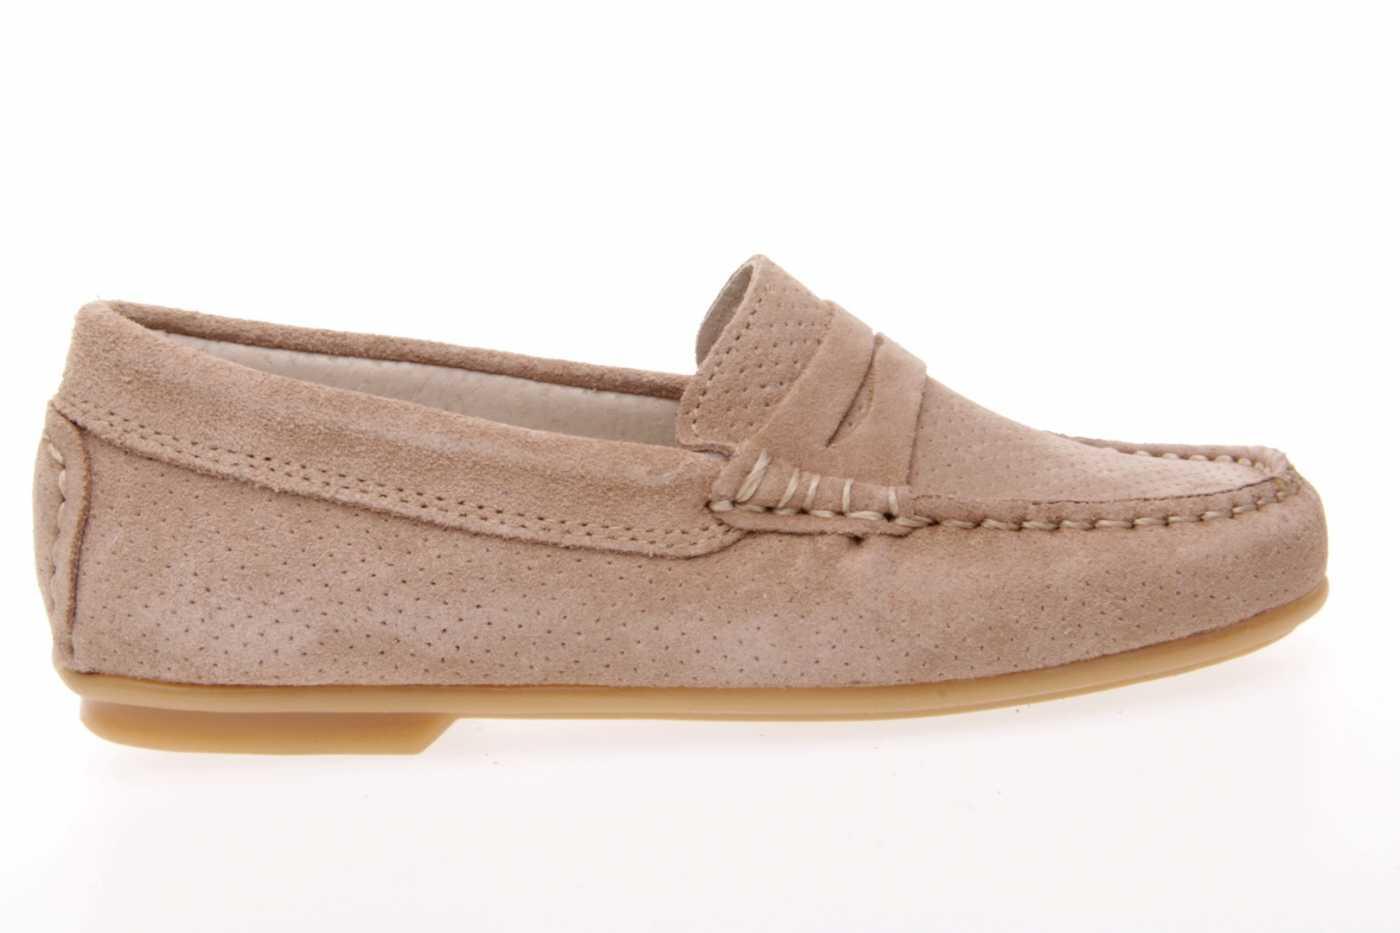 5d7383f6ad8 Comprar zapato tipo JOVEN NIÑO estilo MOCASIN COLOR CAMEL SERRAJE ...